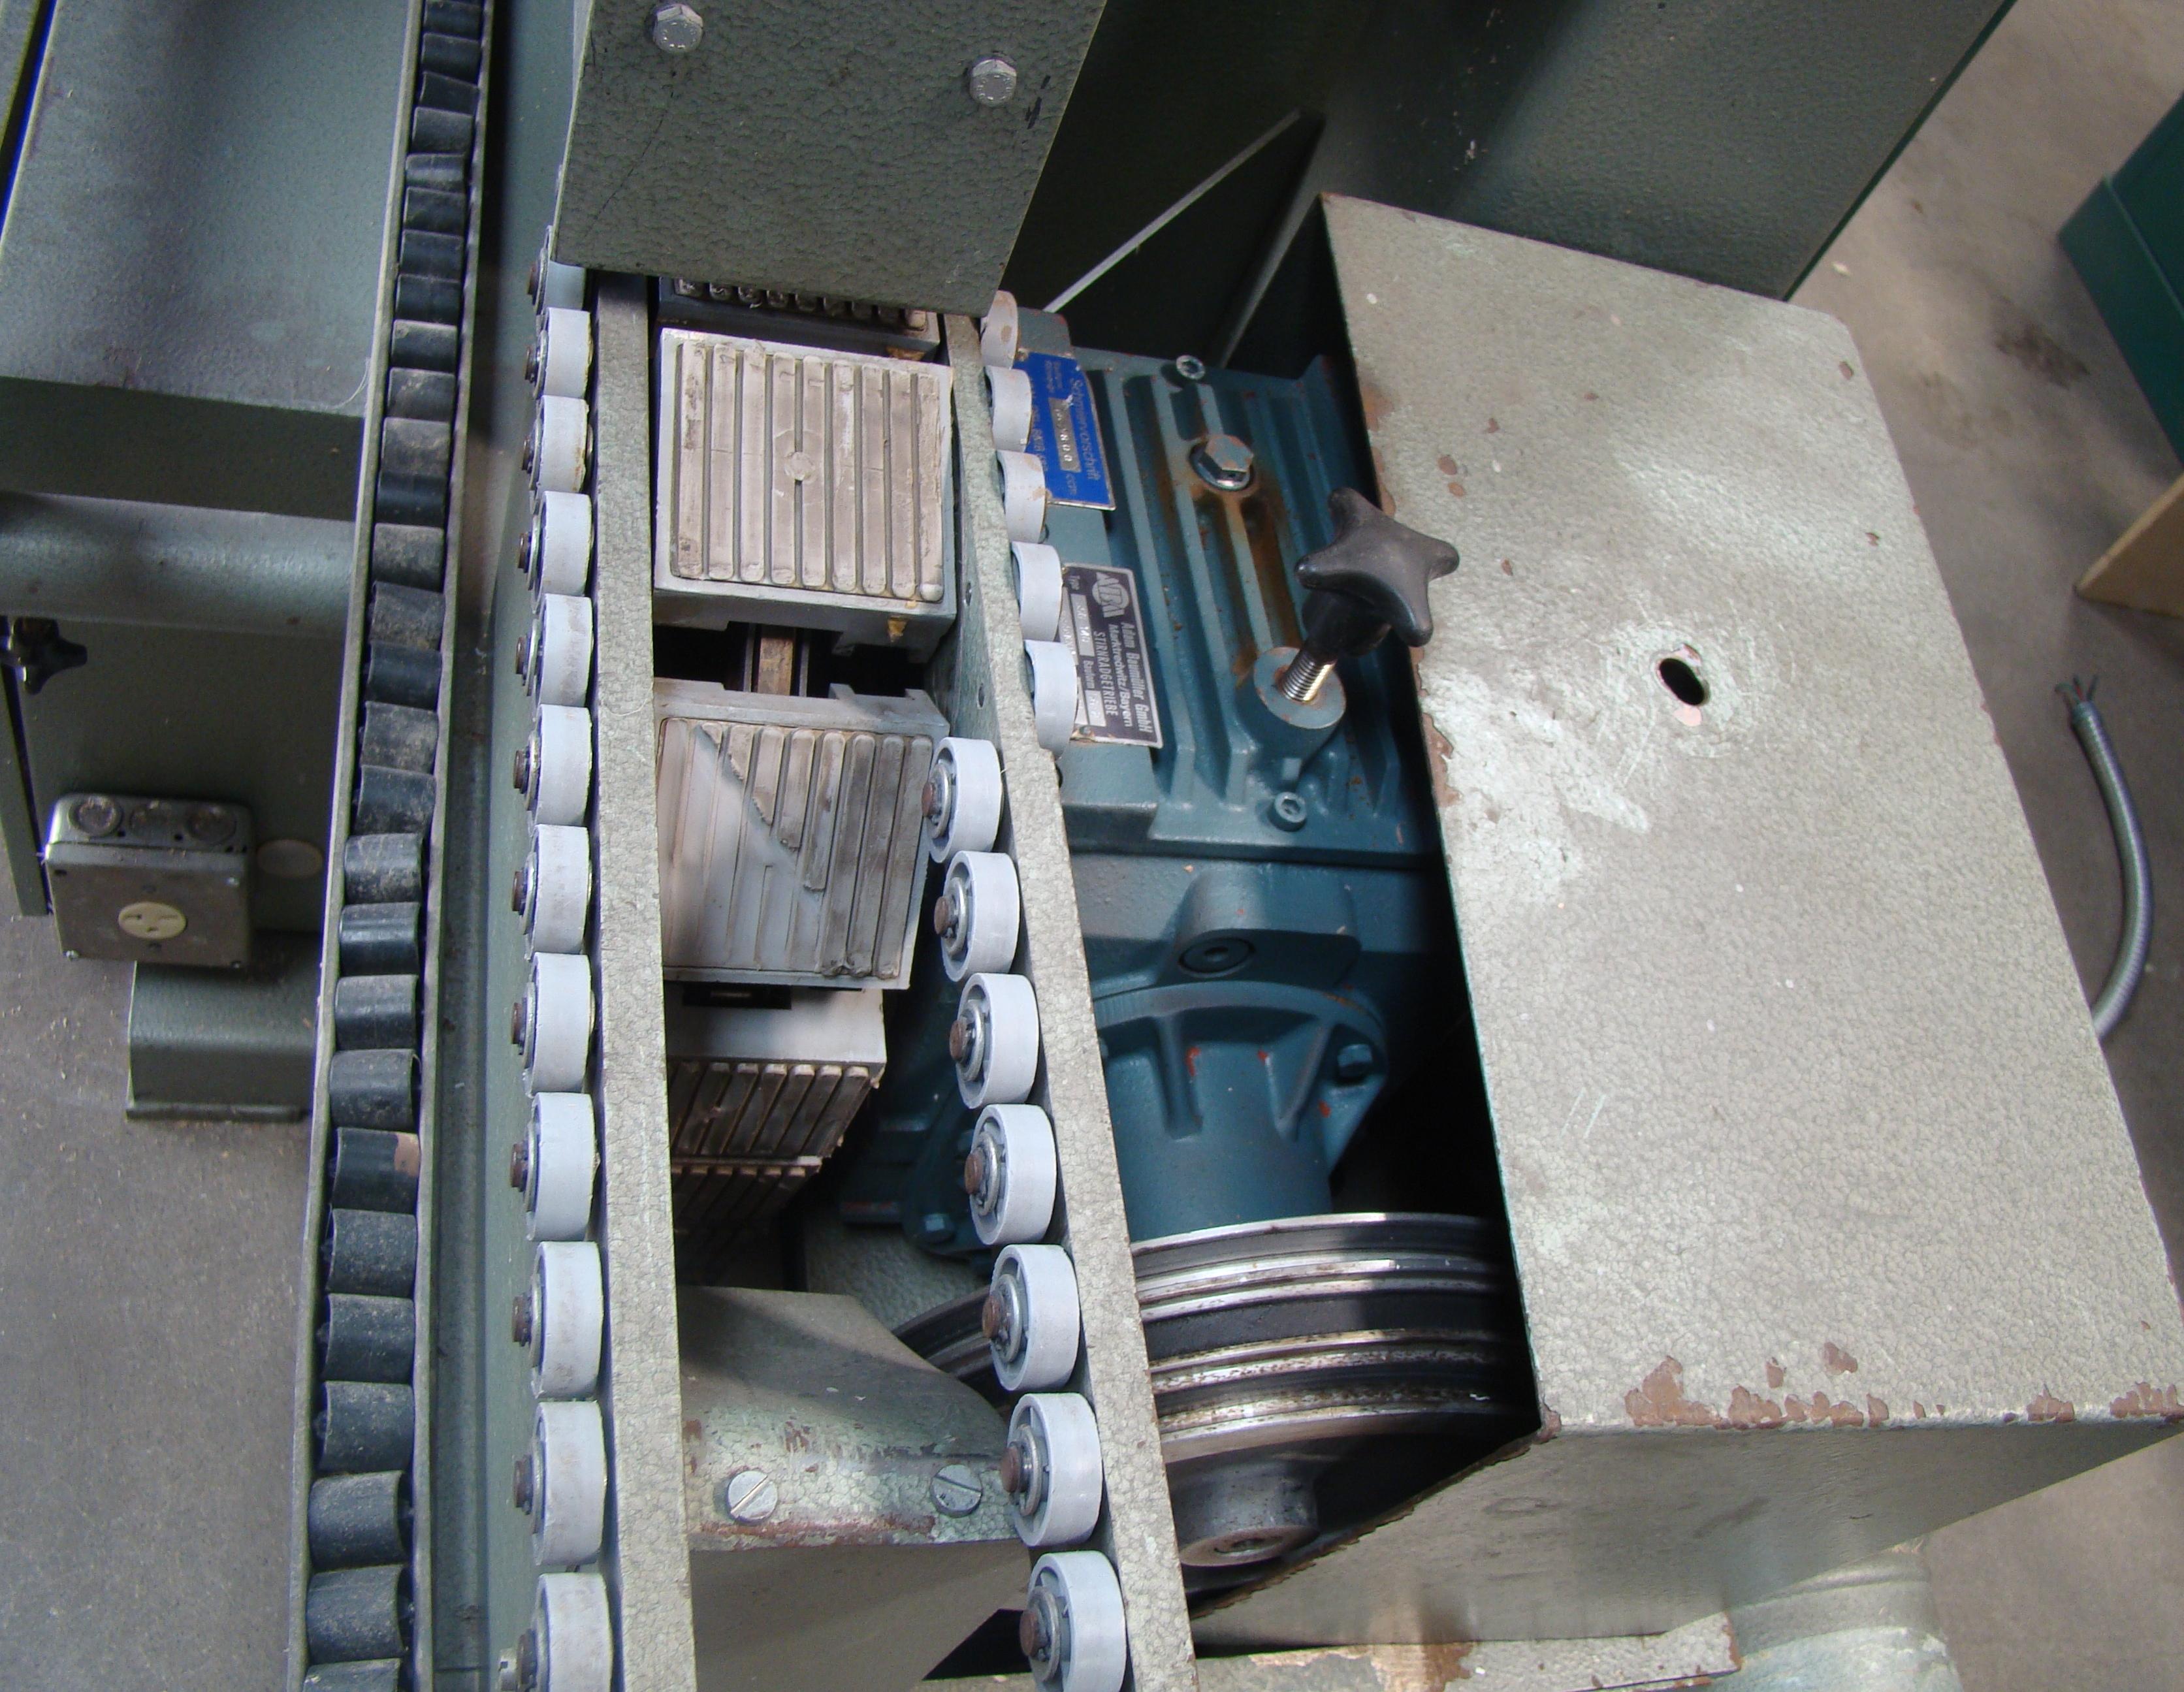 Holz-Her Edge Bander 1408 Pressure Roller, Uses GluJet, End trim stations, Flush/Bevel Scraper, - Image 8 of 10